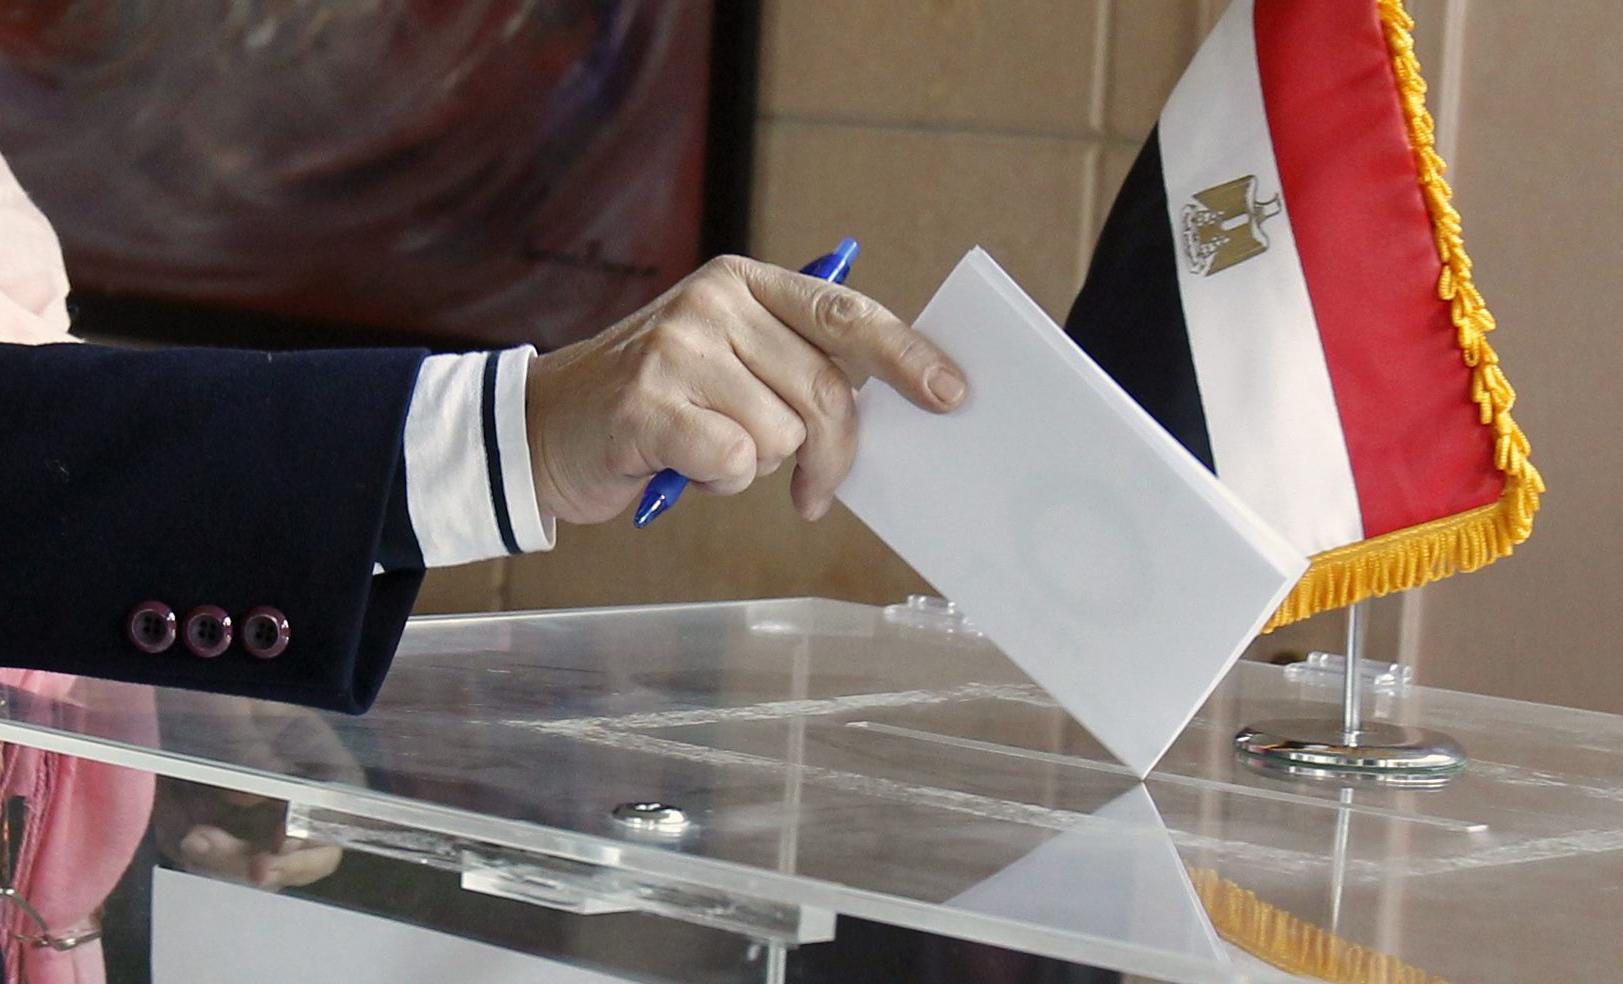 صحفي مصري: انشغال المصريون بأفلام الجنس هو سبب عزوفهم عن الانتخابات!